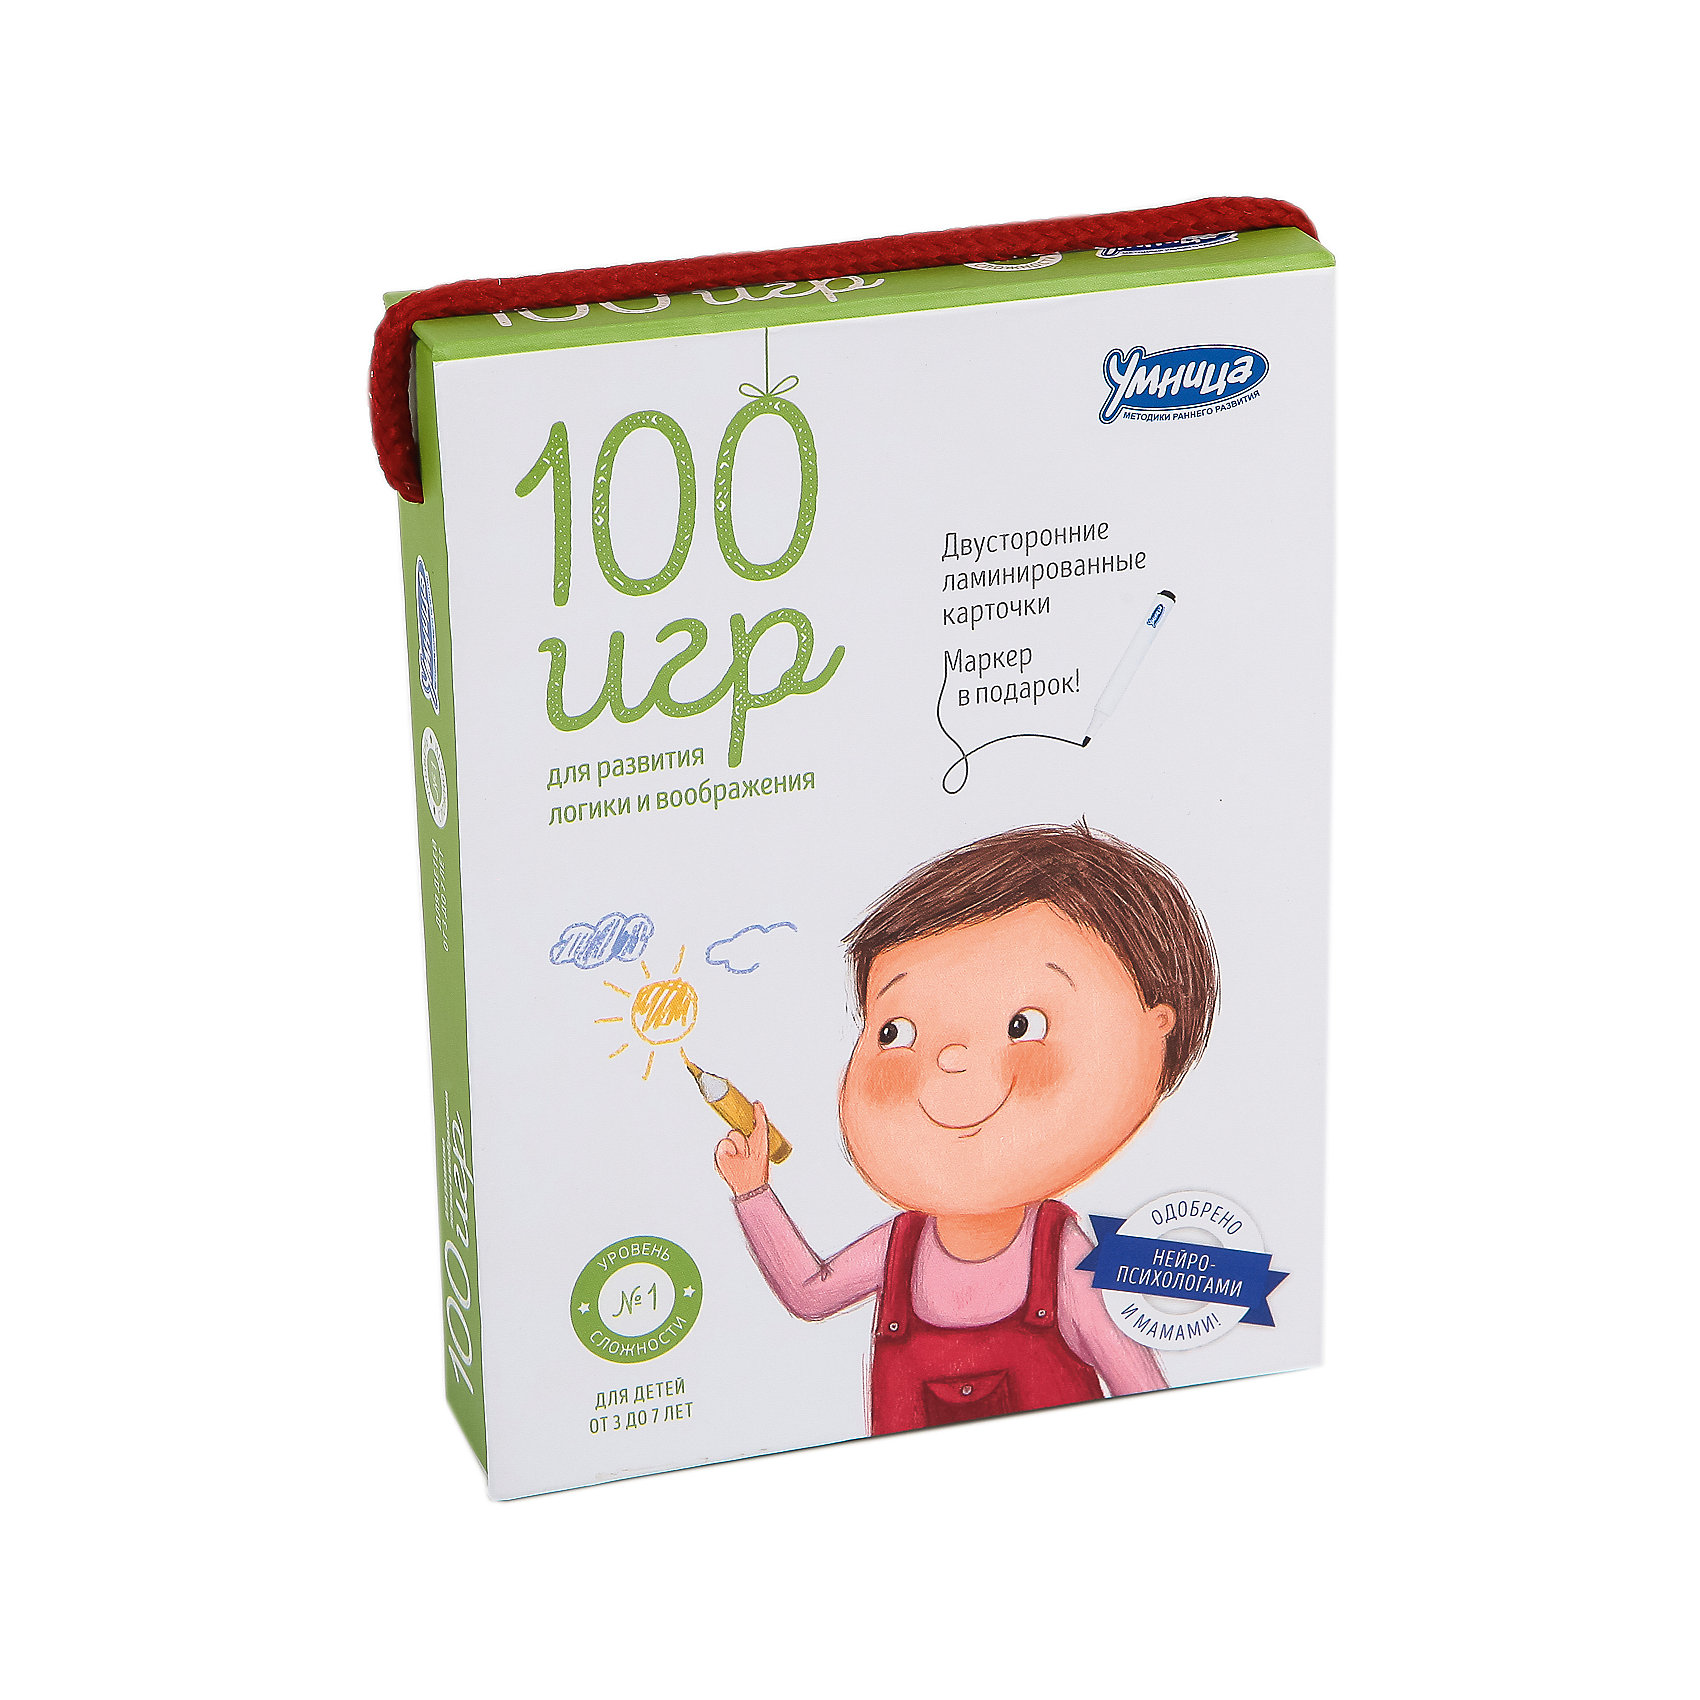 Карточки 100 игр, Уровень 1Обучающие карточки<br>Полезный, увлекательный и компактный: «100 игр» – комплект для одновременного развития логического и творческого мышления малышей. В удобной упаковке-сумочке собраны яркие, интересные карточки с заданиями, играми, головоломками. На карточках можно рисовать маркером: рисуй, стирай и снова рисуй! Теперь вы с ребёнком ни за что не заскучаете в дороге, в очереди, на пляже, на даче, на пикнике, в гостях или дома. Маркер в подарок!<br>Развивает: Логическое, образное и творческое мышление, фантазию, память, аналитические способности, внимание, мелкую моторику.<br>Результат: Малыш нестандартно, образно мыслит, умеет находить закономерности, анализировать.<br><br>Ширина мм: 115<br>Глубина мм: 155<br>Высота мм: 300<br>Вес г: 340<br>Возраст от месяцев: 36<br>Возраст до месяцев: 2147483647<br>Пол: Унисекс<br>Возраст: Детский<br>SKU: 5523166